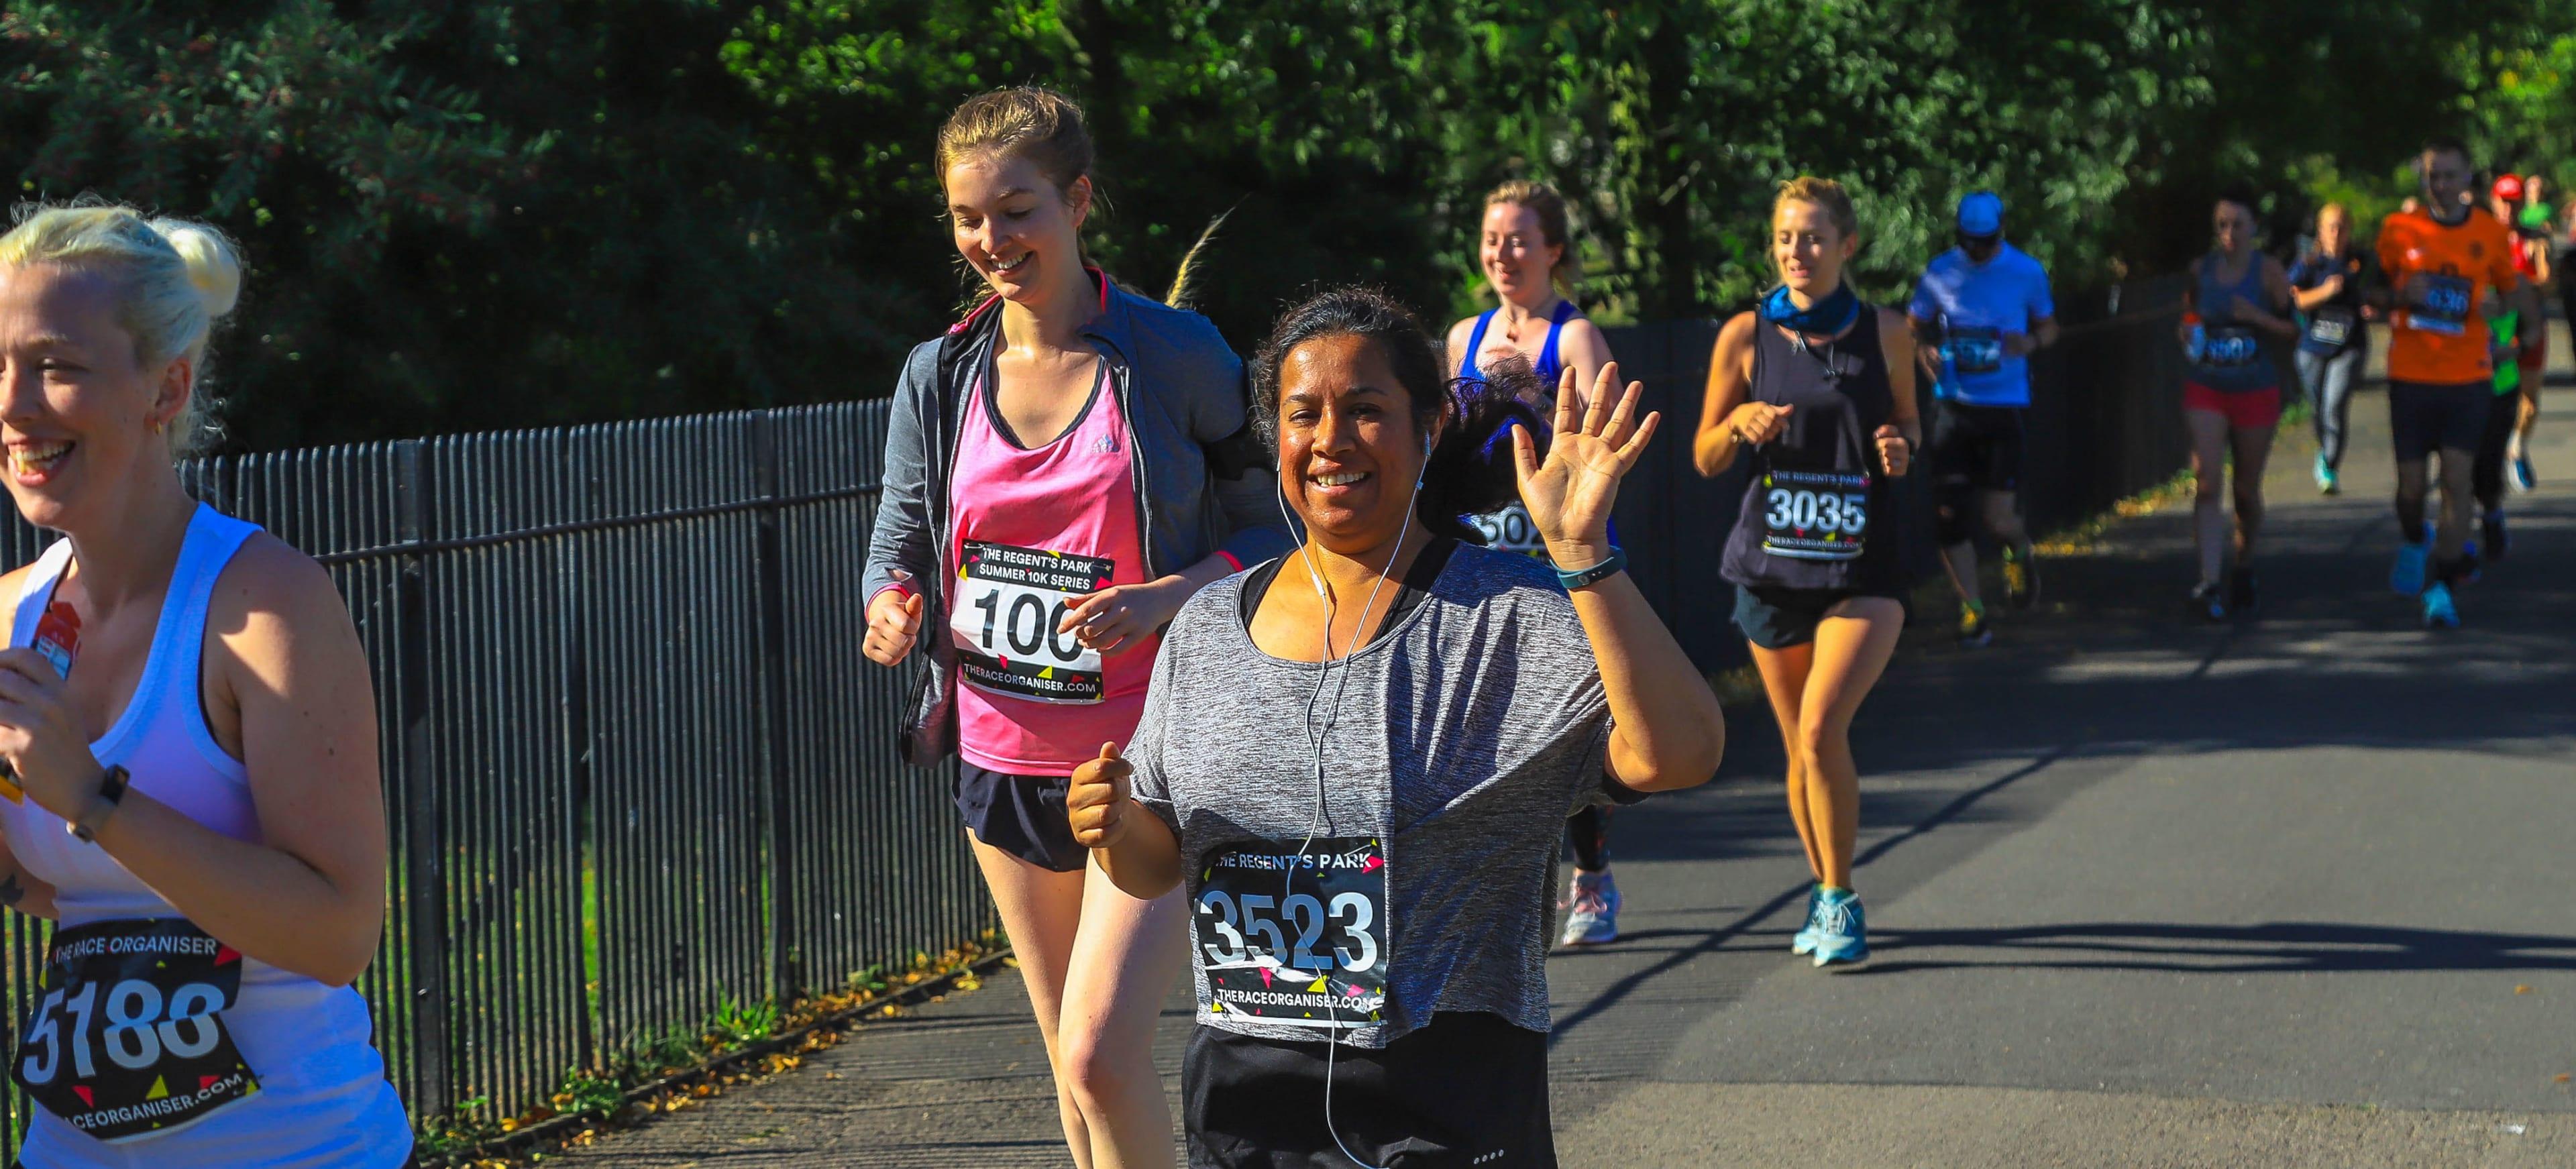 Battersea Park Runs